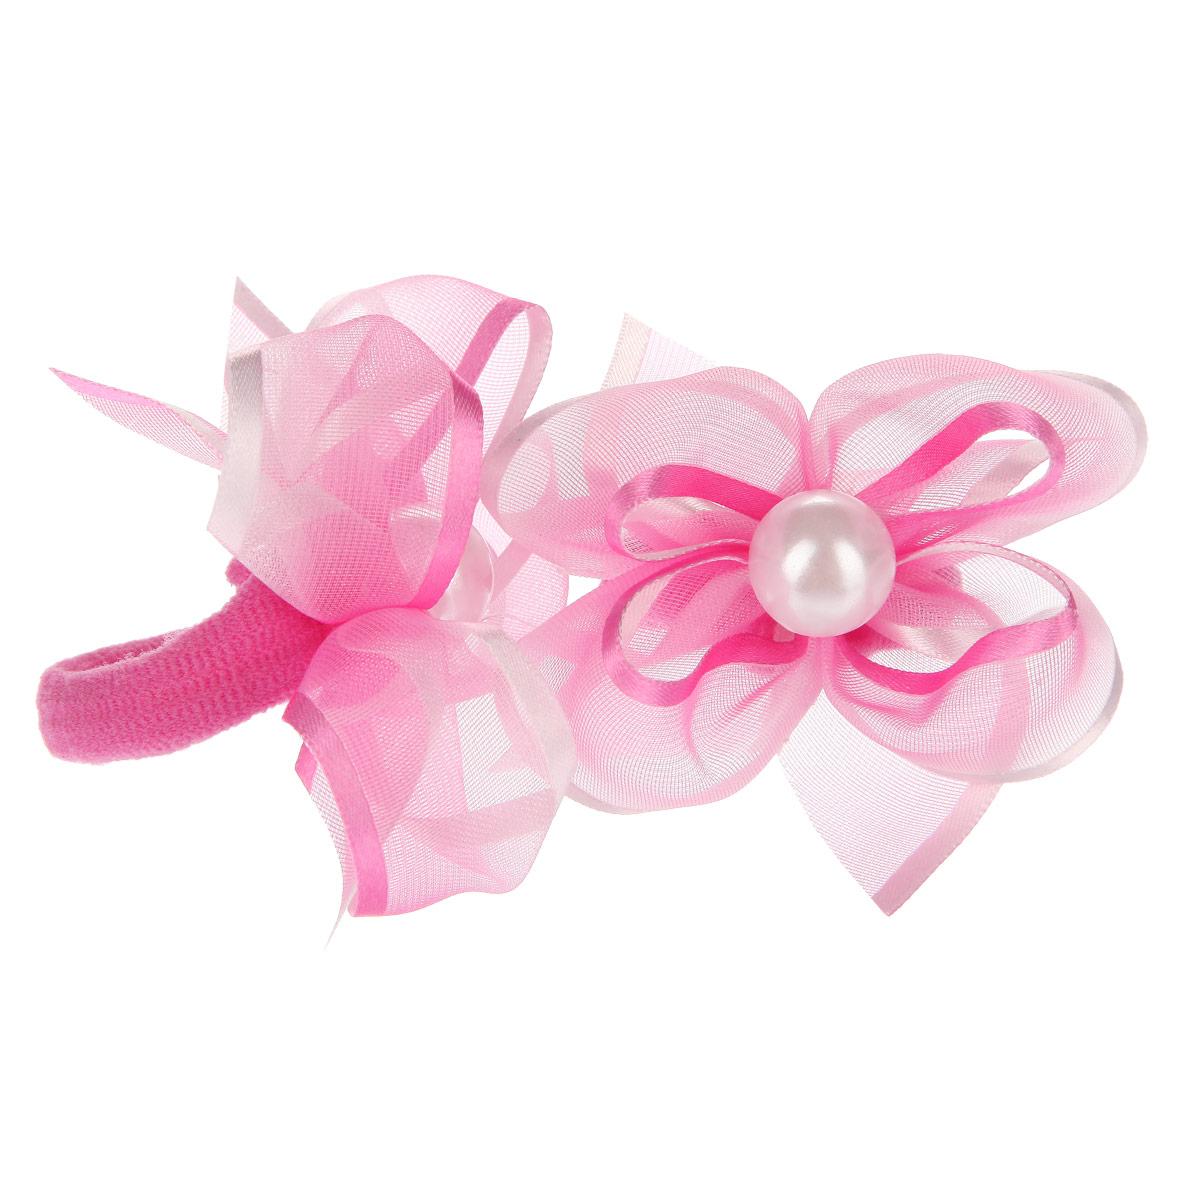 Набор резинок для волос Babys Joy, цвет: розовый, 2 шт. MN 203/2MN 203/2Набор резинок для волос Babys Joy содержит две резинки, которые выполнены в виде цветков из текстиля, атласной ленты, органзы и в центре оформлены пластиковыми бусинами. Набор резинок для волос Babys Joy подчеркнет красоту прически вашей маленькой модницы.